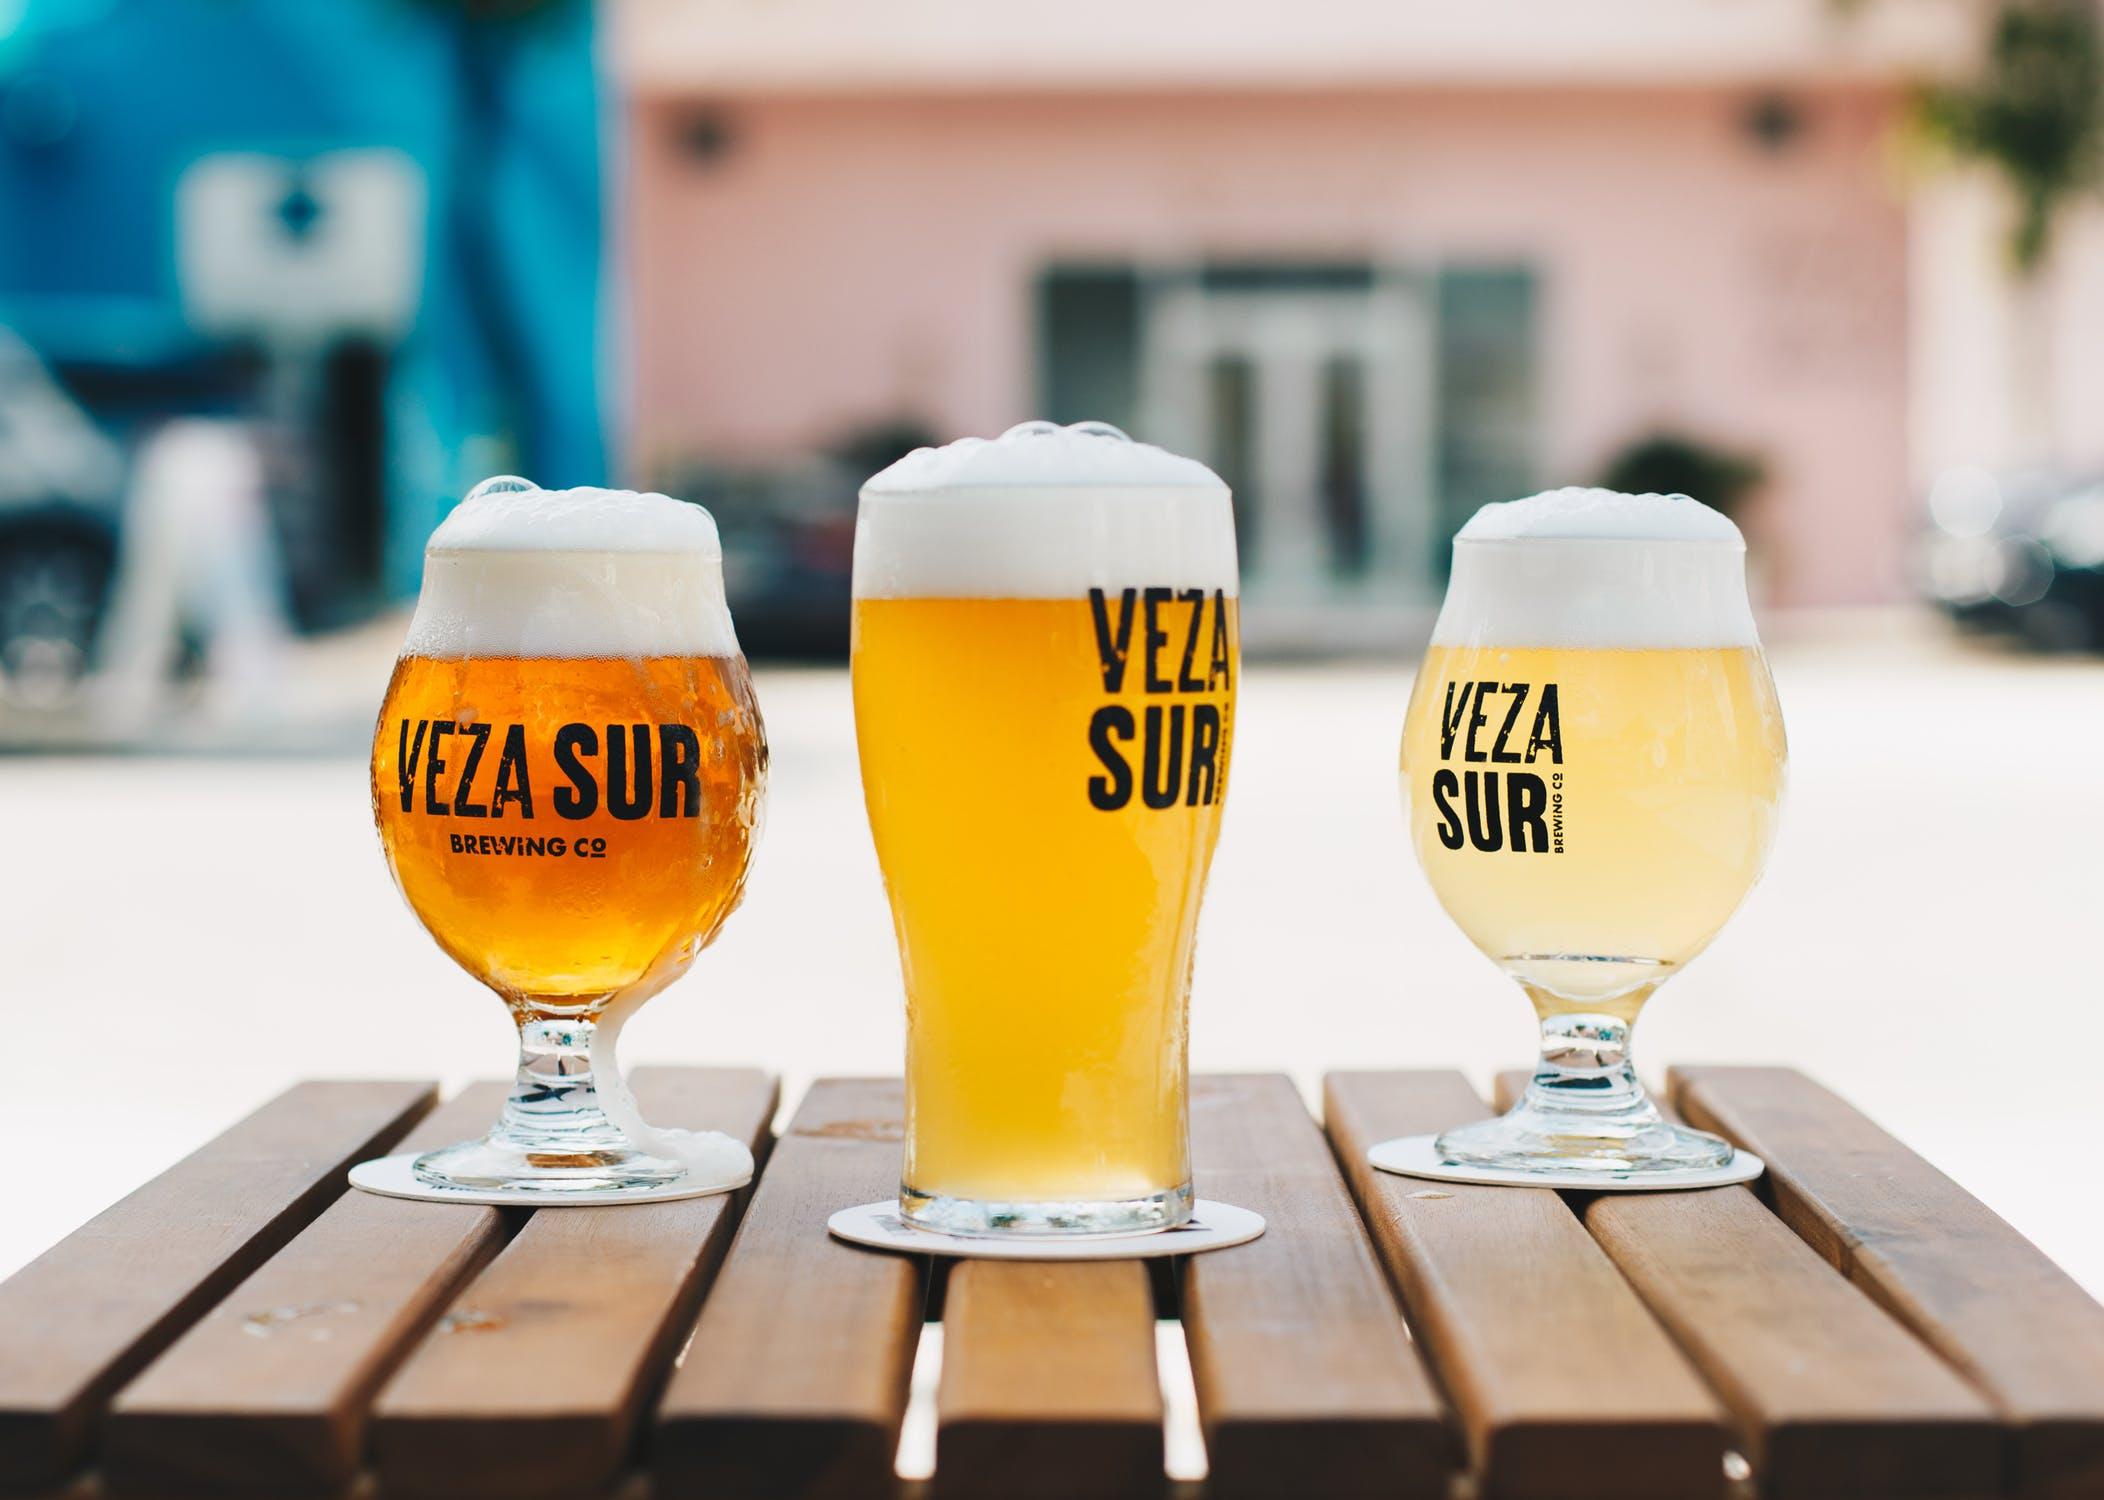 7 ข้อดี ของการดื่มเบียร์ เบียร์มีประโยชน์ต่อร่างกายมากกว่าที่คิดนะ !!